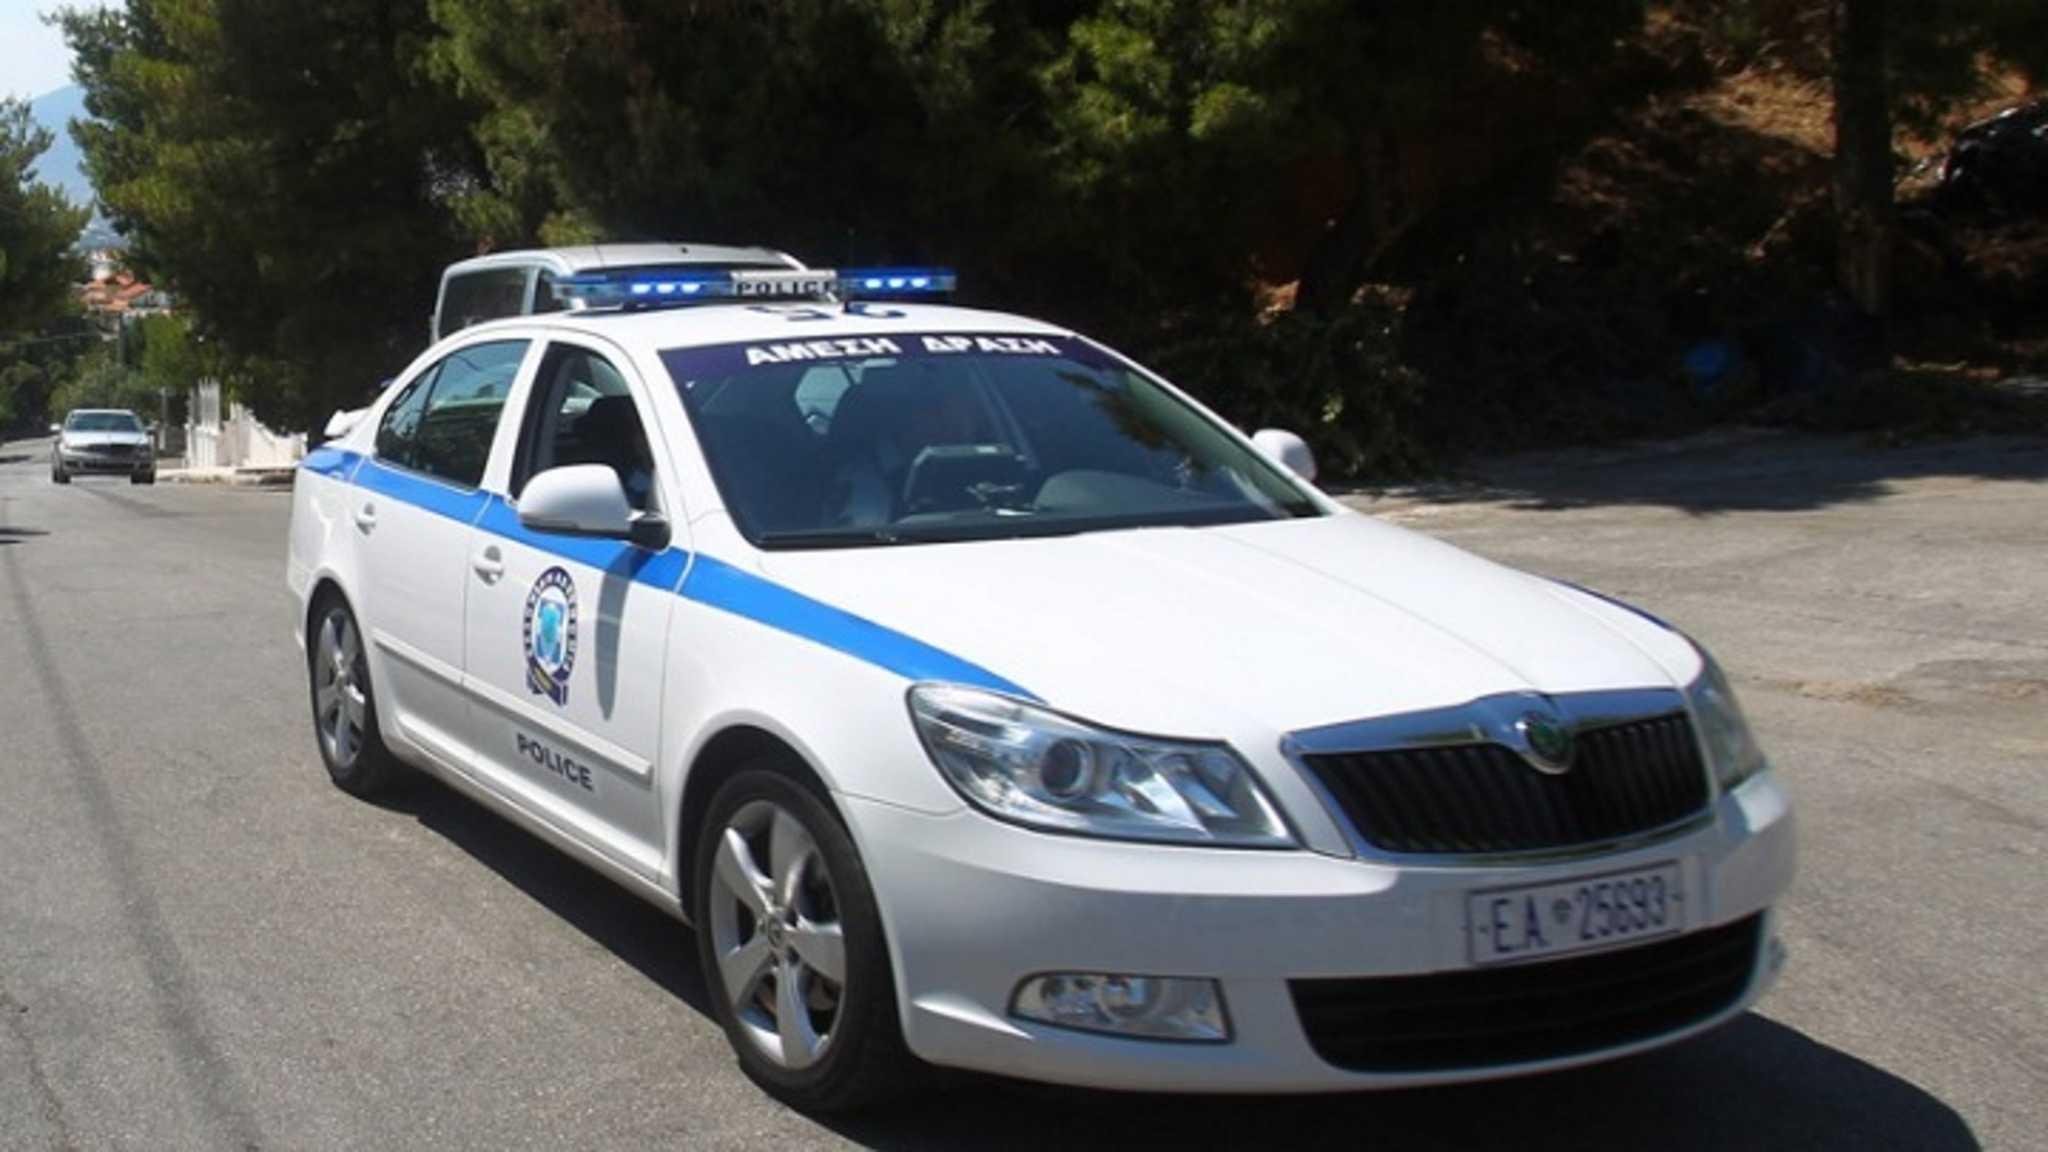 Ρόδος: Σπείρα εξαπατούσε ηλικιωμένους με πρόσχημα τροχαία – Ο αρχηγός είχε έδρα το εξωτερικό